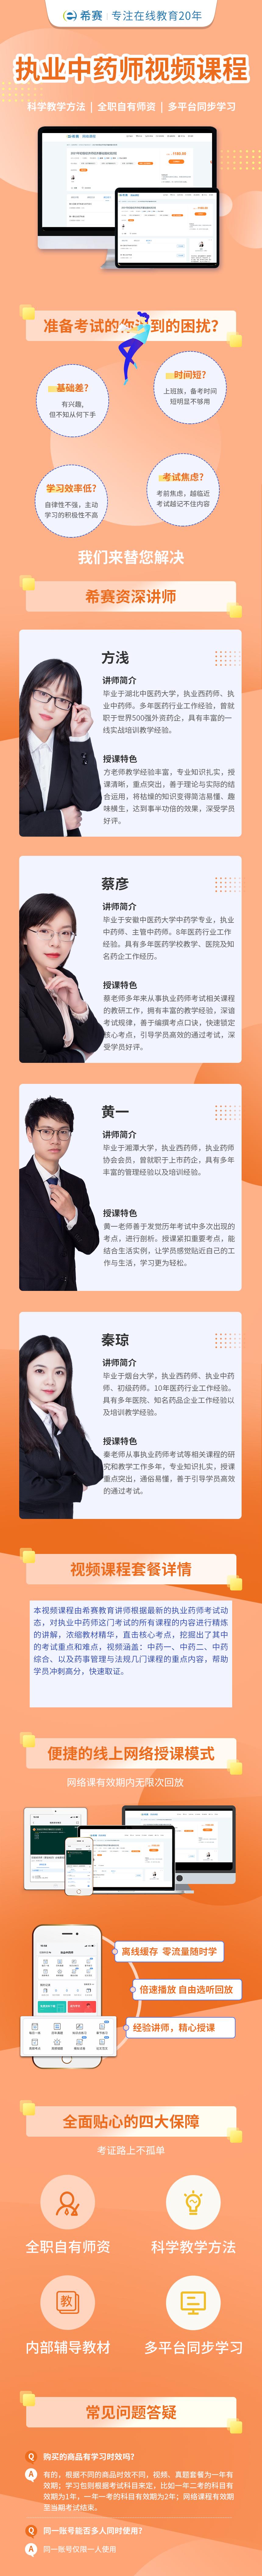 中药师课程详情页(1)(4).png